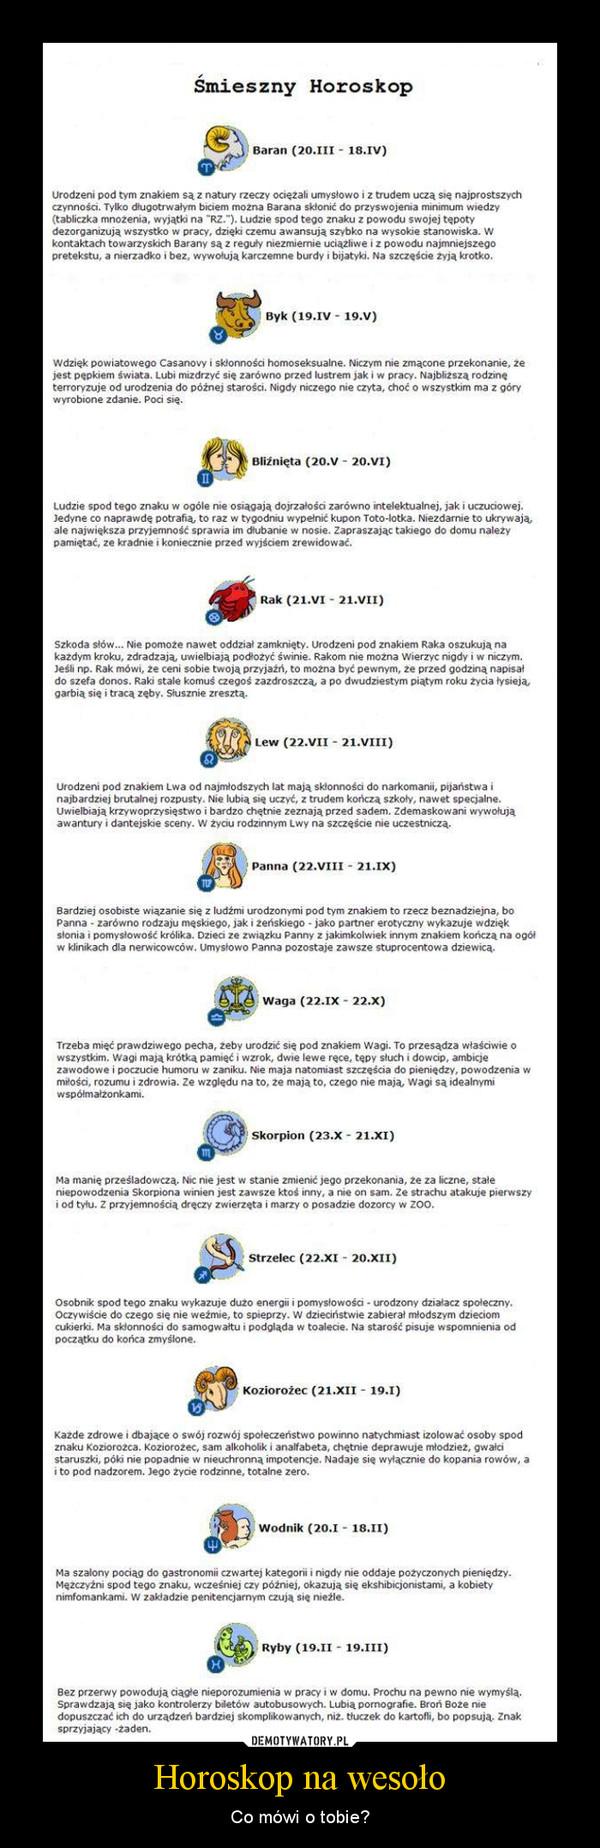 Horoskop na wesoło – Co mówi o tobie?